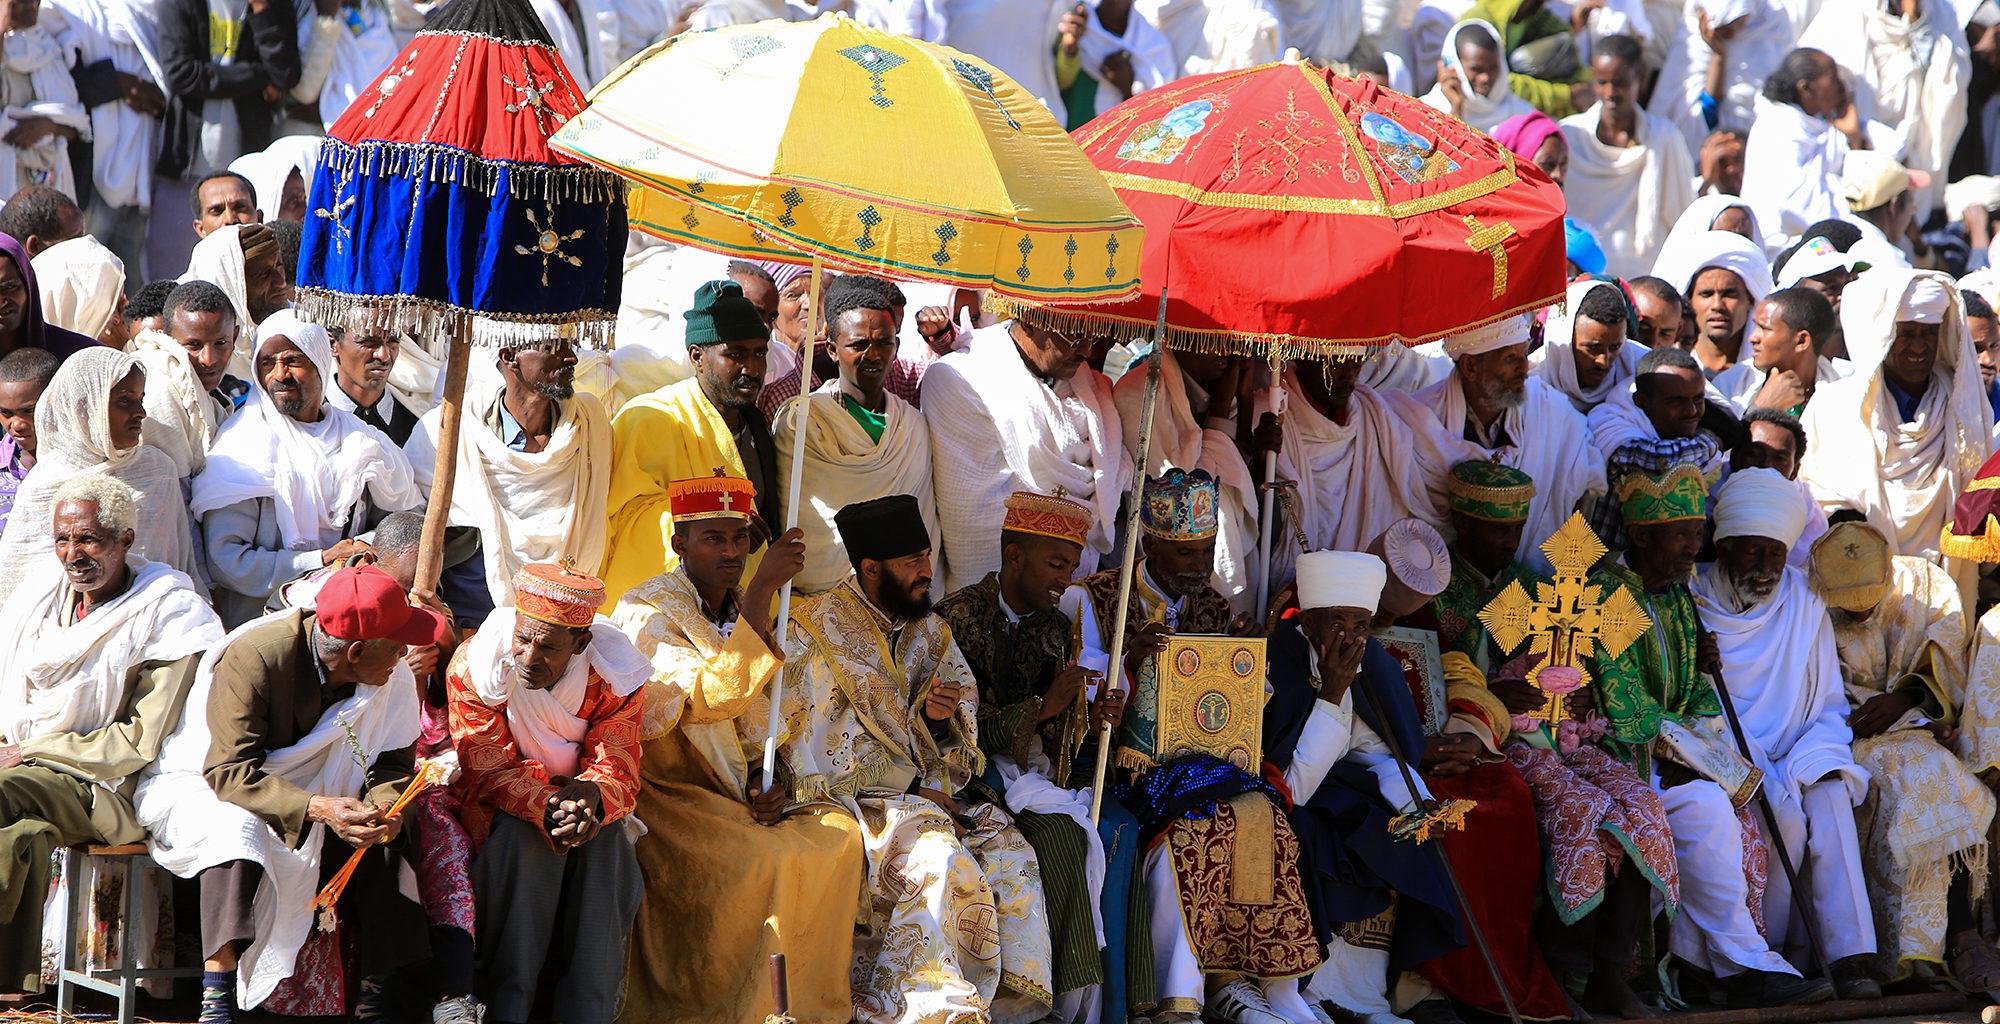 Ethiopia-Axum-Festival